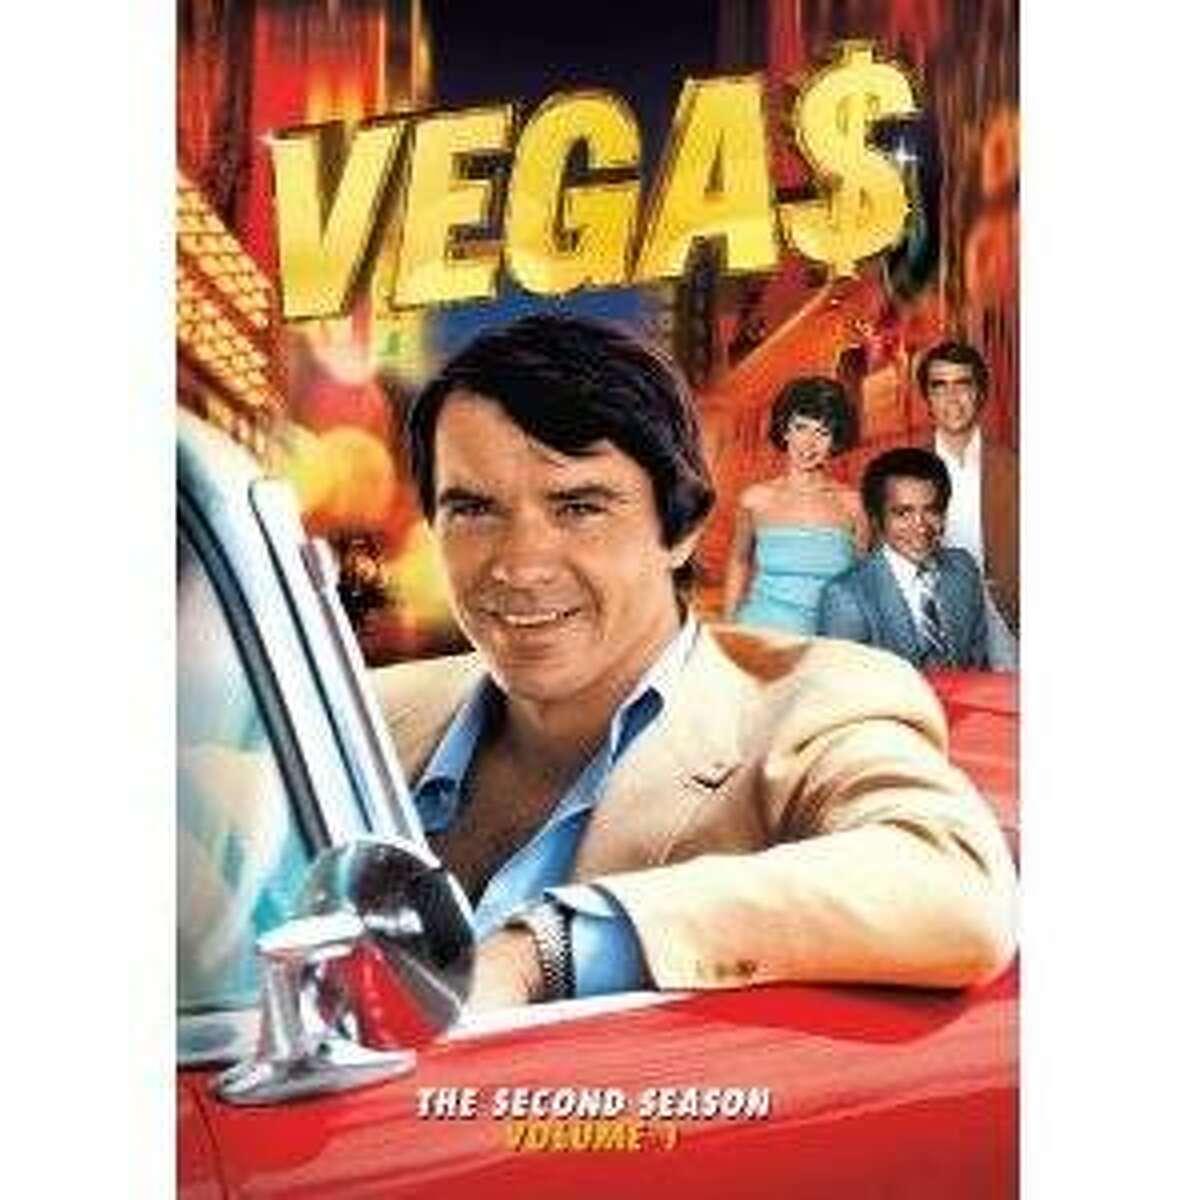 dvd cover VEGA$